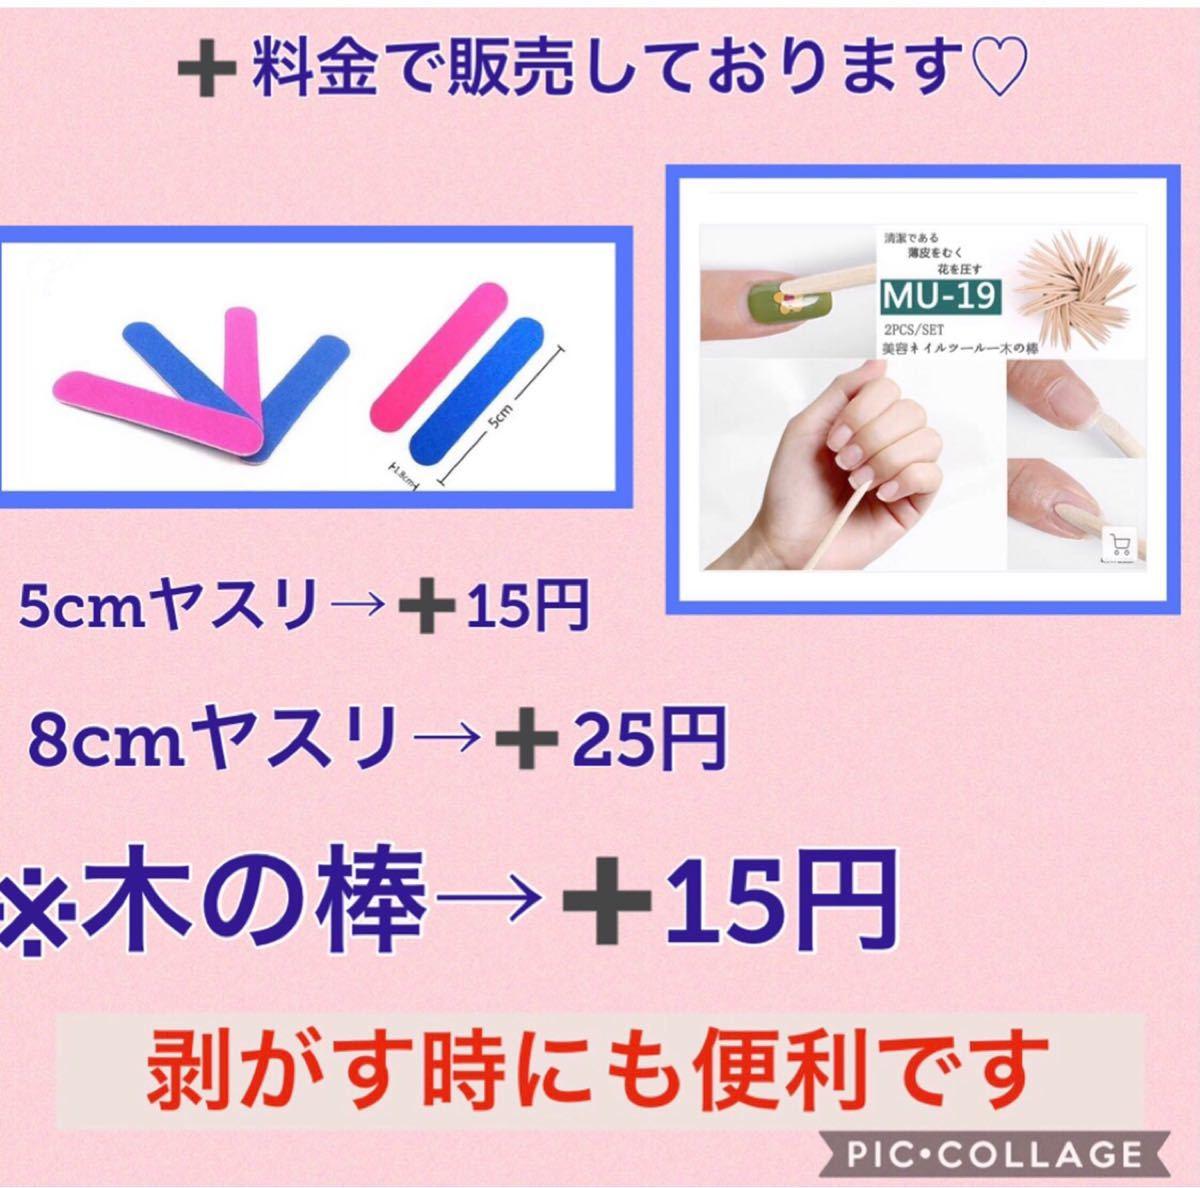 【3枚購入でシール1枚プレゼント】簡単貼るだけジェルネイルシール☆。.